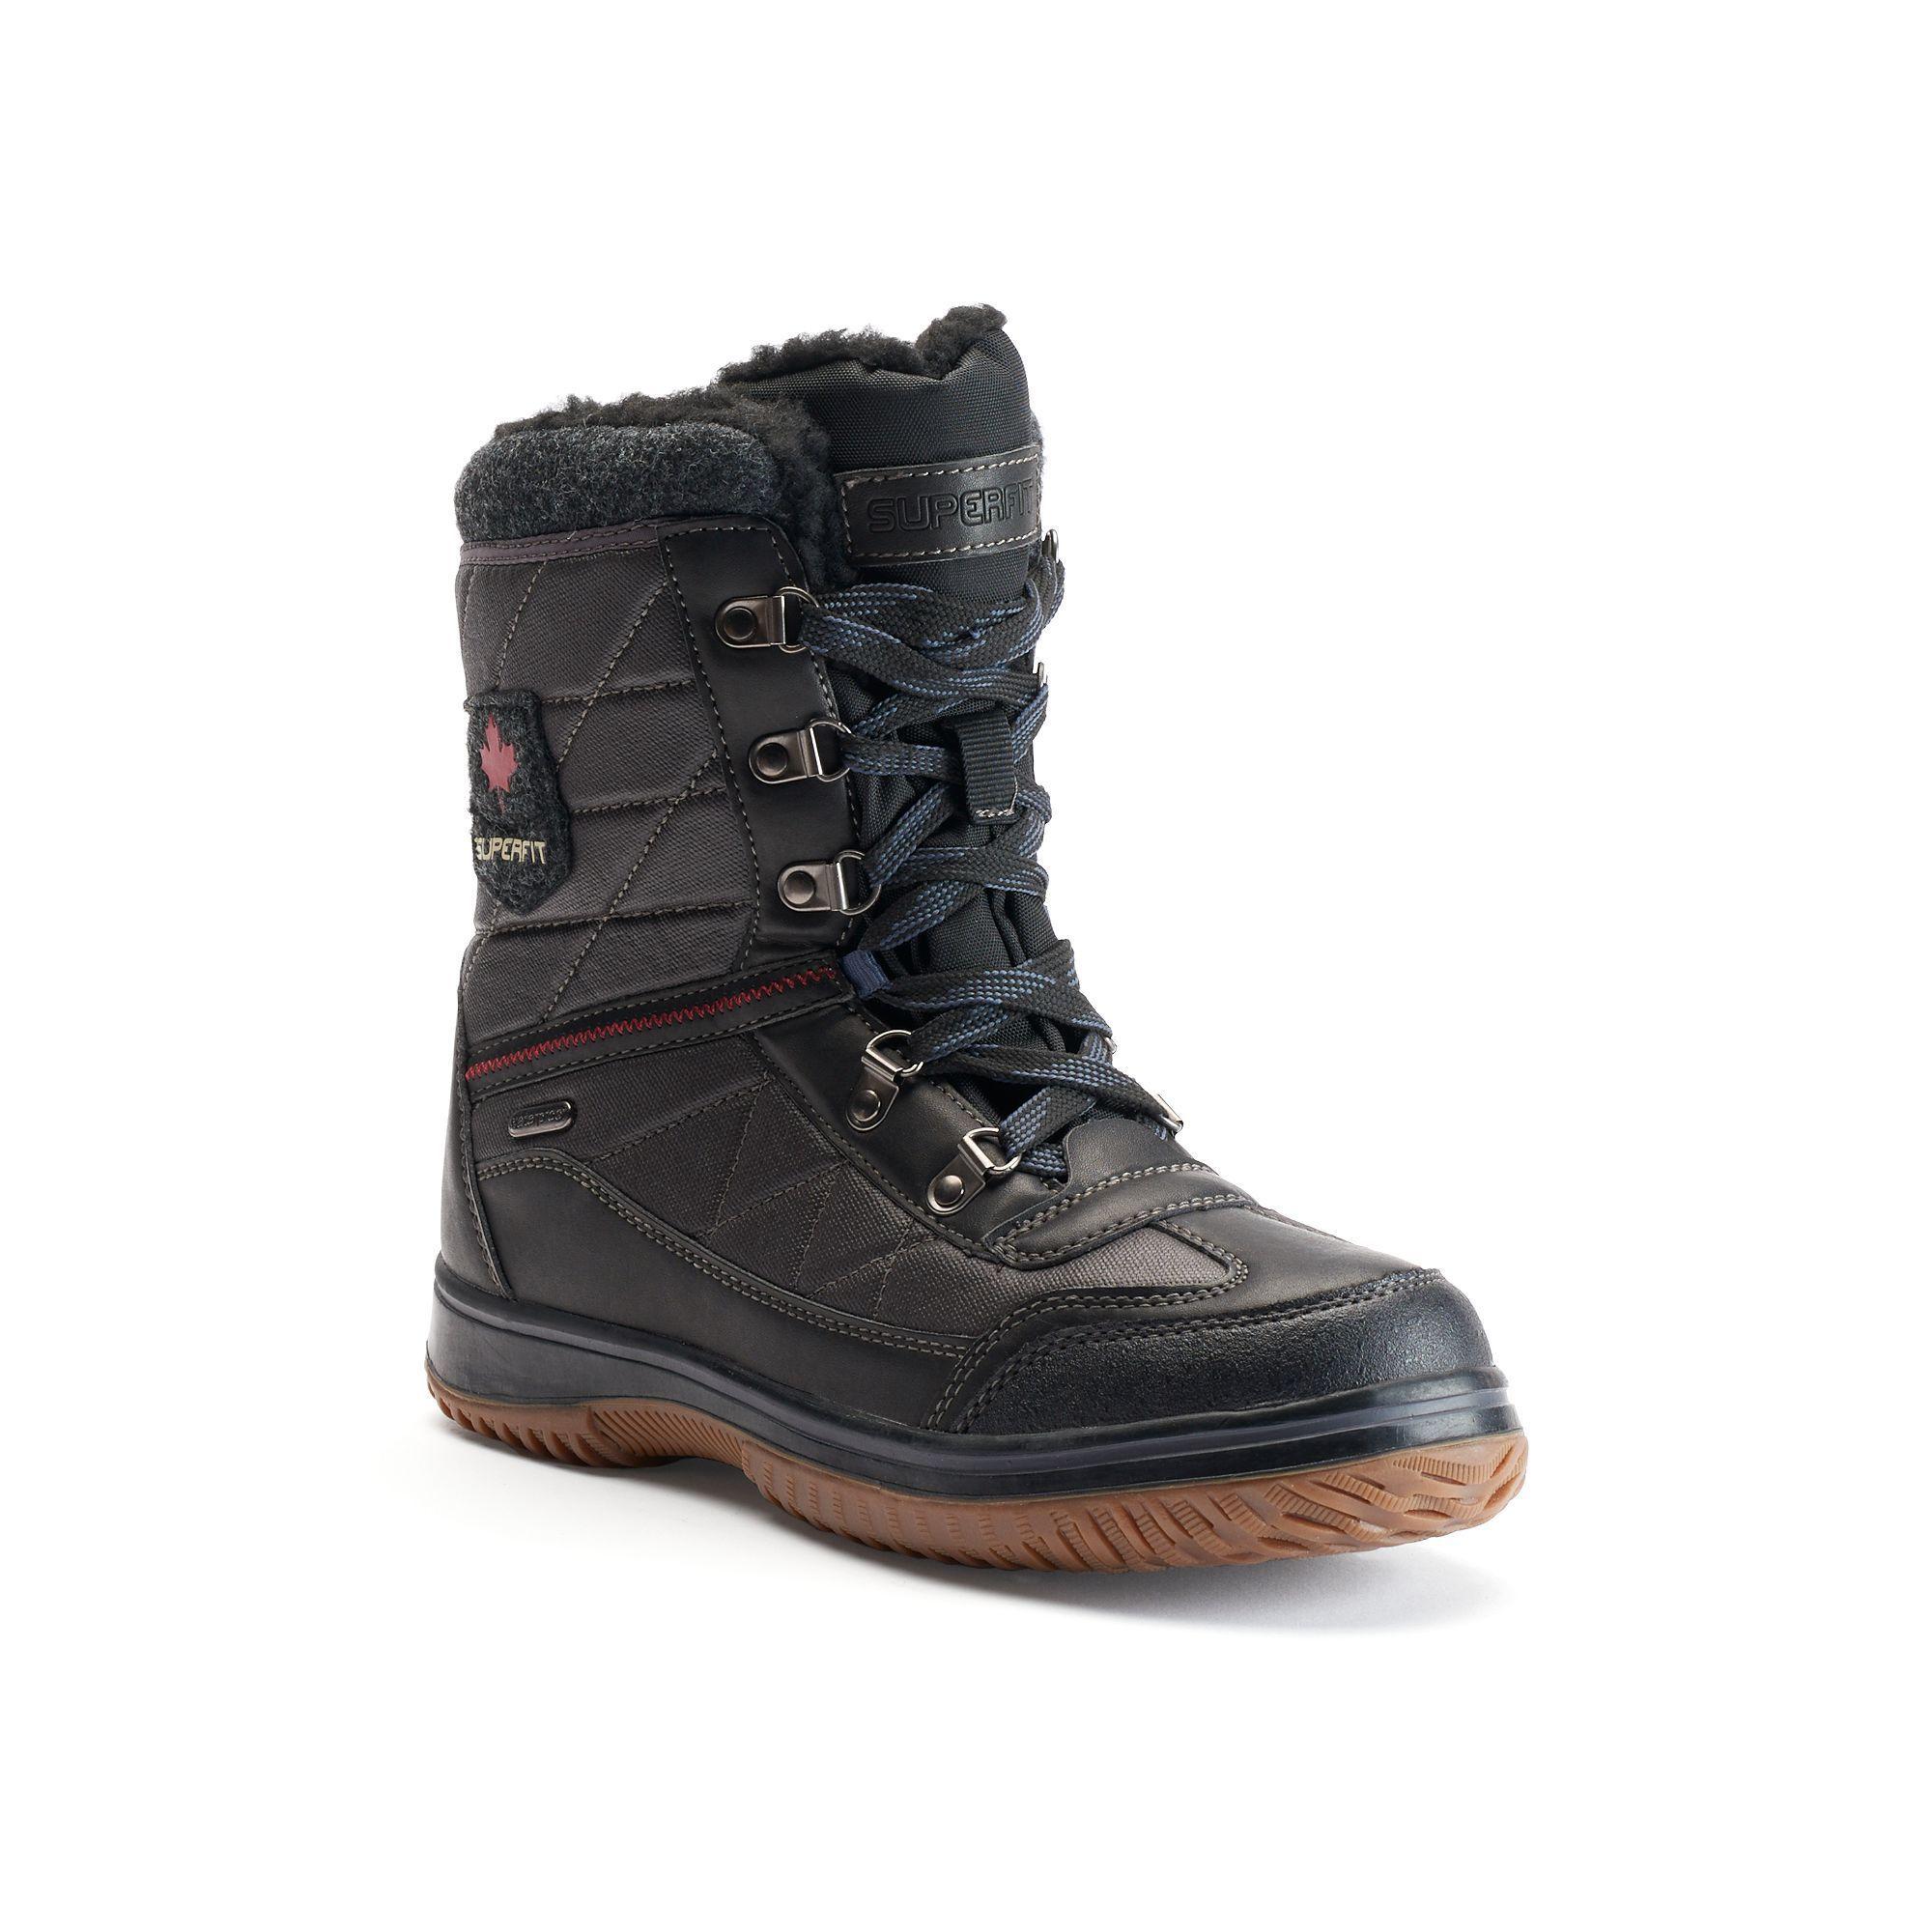 Sport Superfit Ulix Mens Waterproof Winter Boots